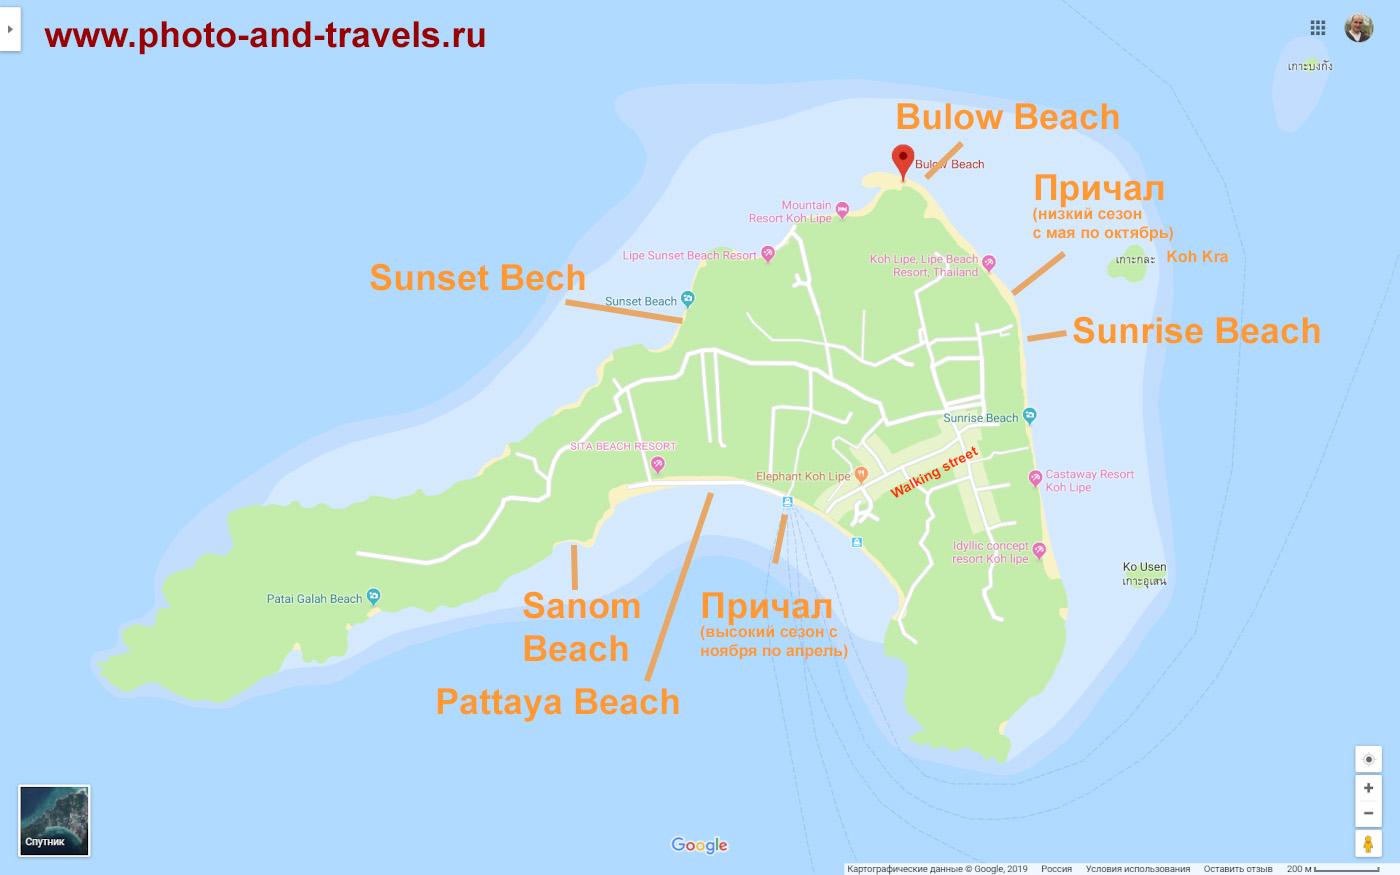 Карта со схемой расположения пляжей и пирса на острове Ко Липе в Таиланде.